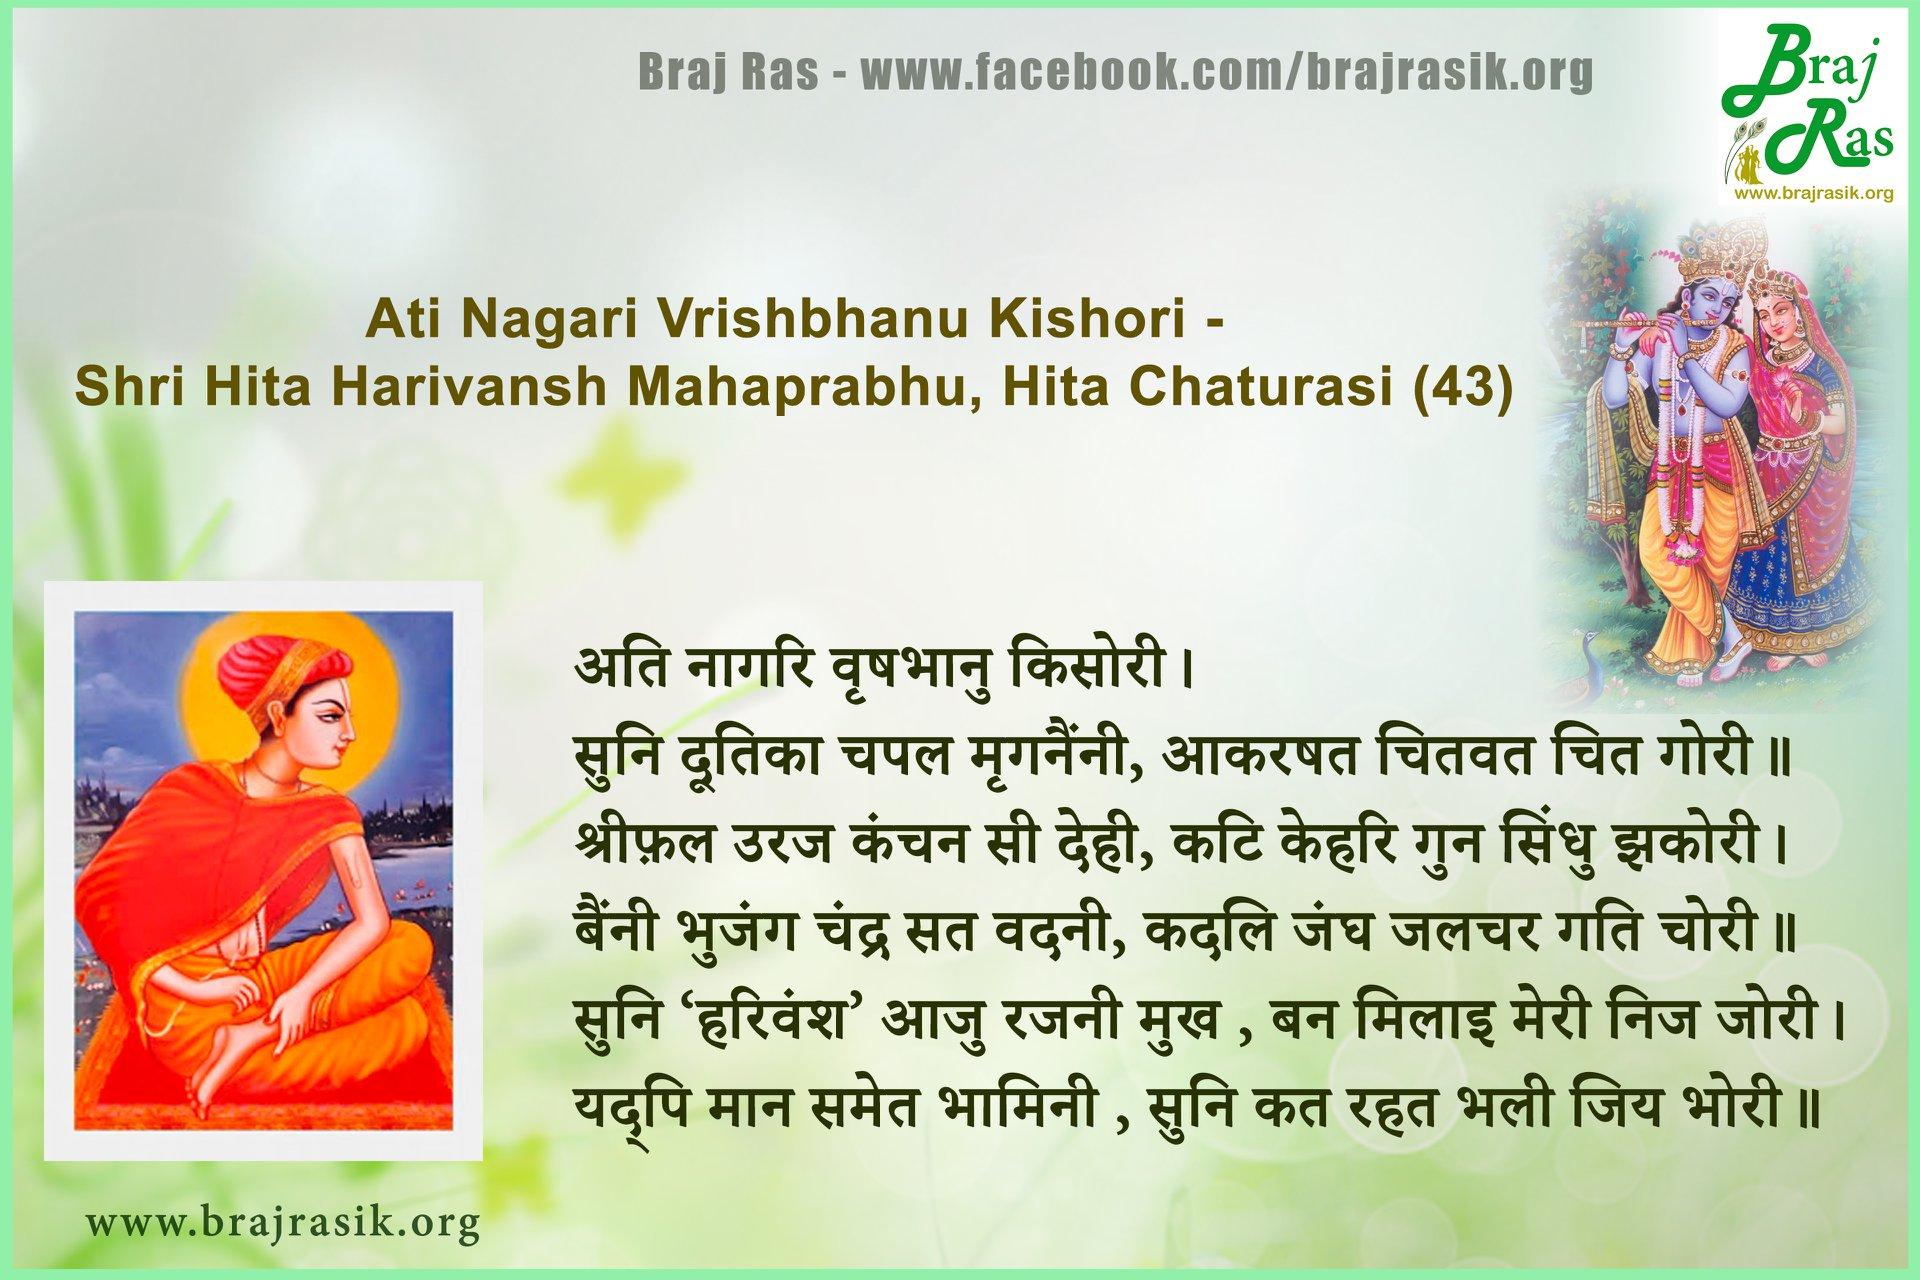 Ati Nagari Vrishbhanu Kishori - Shri Hita Harivansh Mahaprabhu, Shri Hita Chaurasi (43)